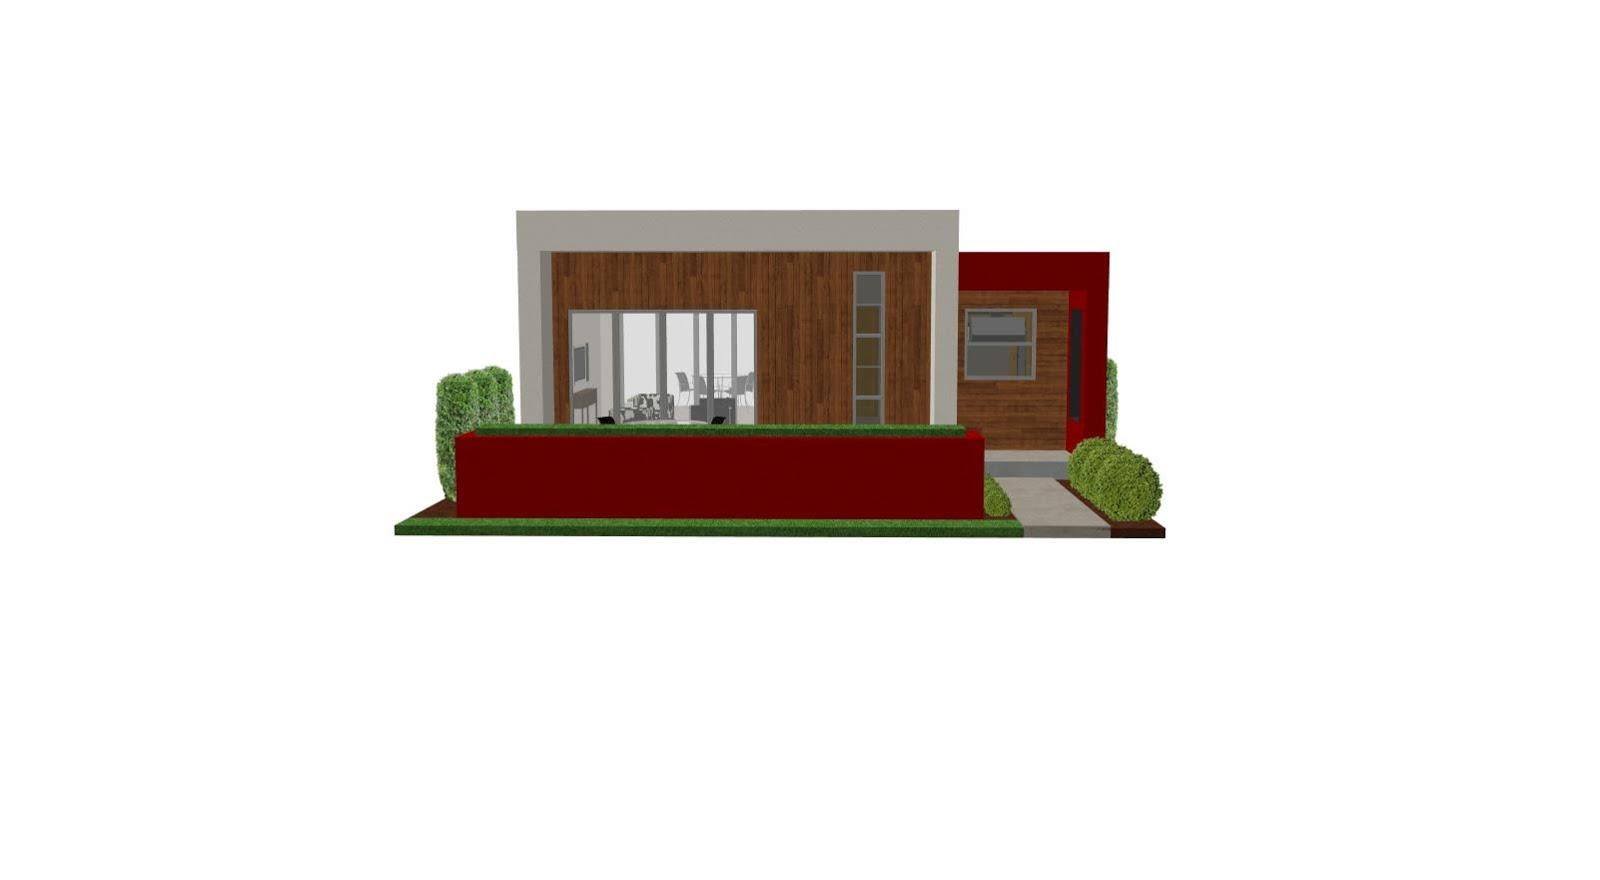 Descargar planos de casas y viviendas gratis fotos de for Casa moderna economica